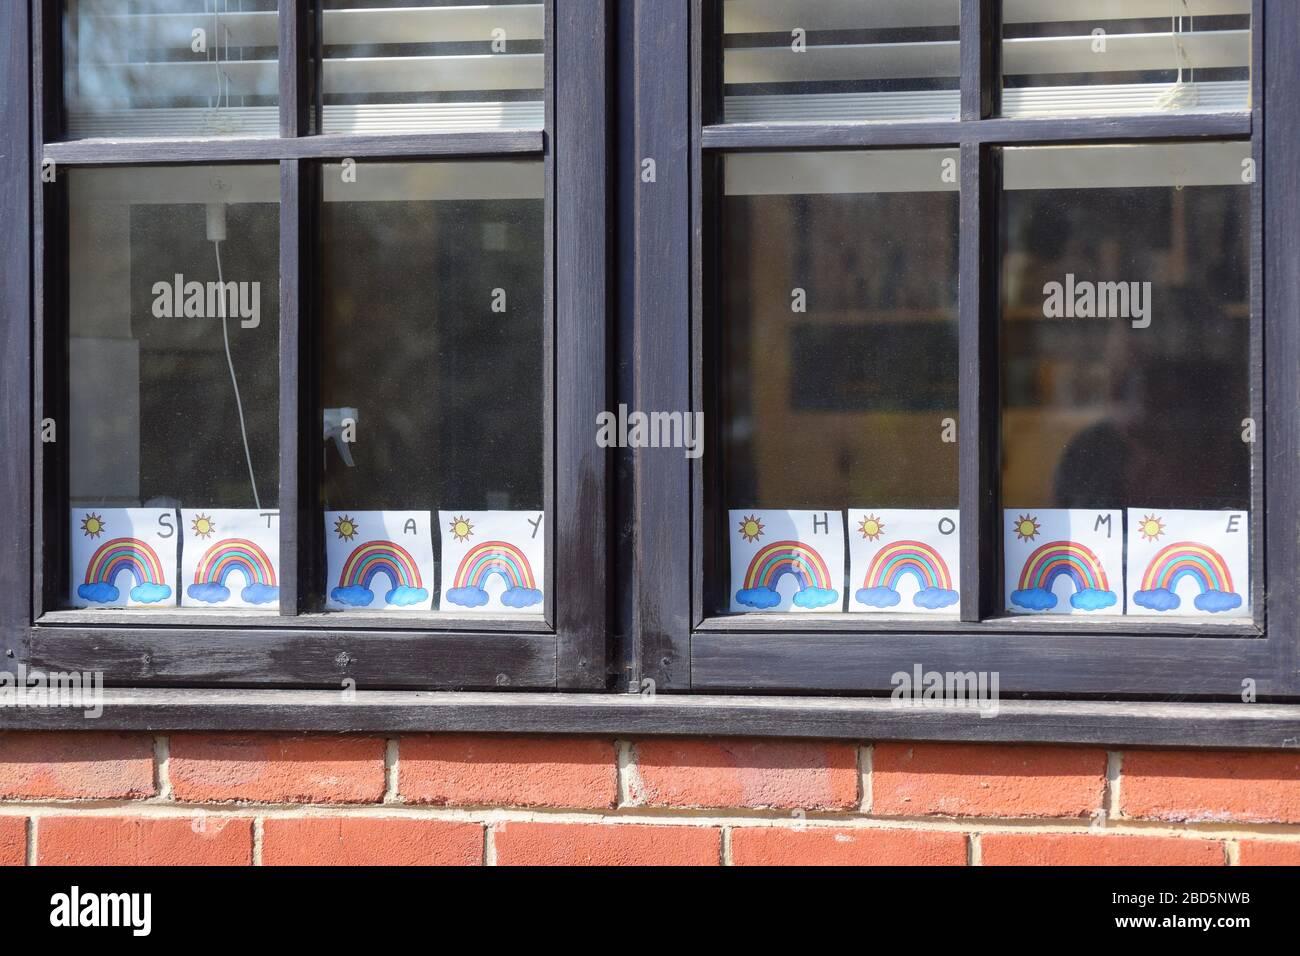 Rainbow images pour l'espoir et la positivité avec le message 'Stay Home' affiché dans la maison au Royaume-Uni pendant le Coronavirus Covid-19 verrouillage Banque D'Images